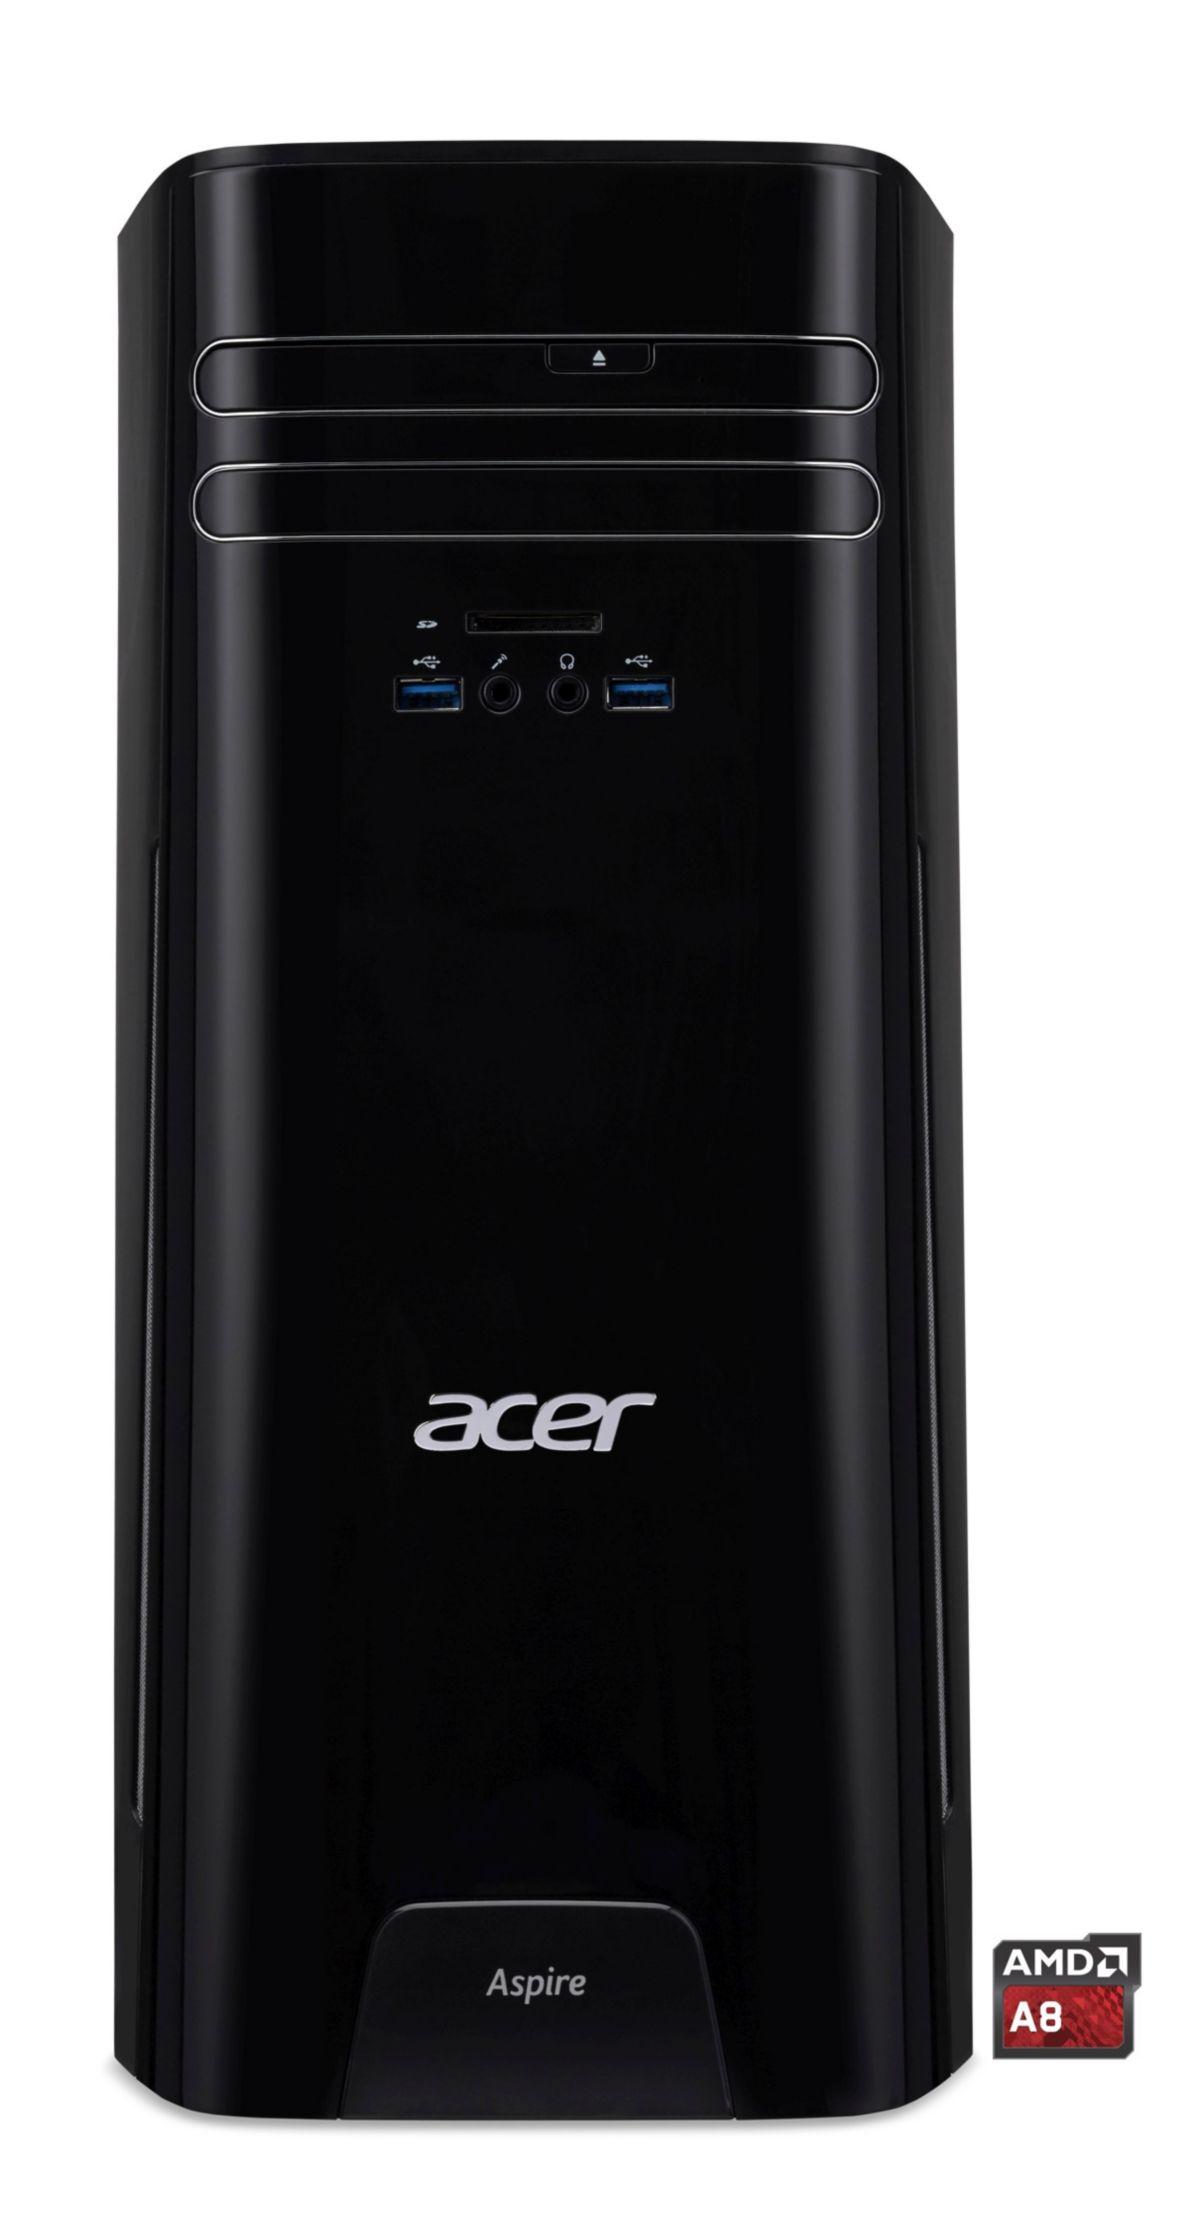 ACER Aspire TC 230 Desktop PC AMD A8 7410 1000 GB HDD 4 GB